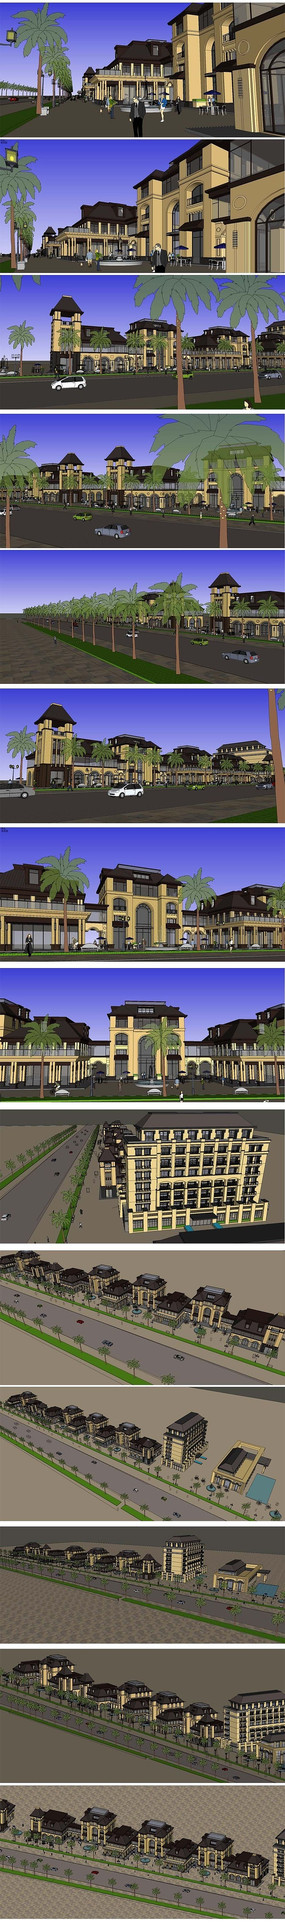 商业休闲街建筑SU模型设计